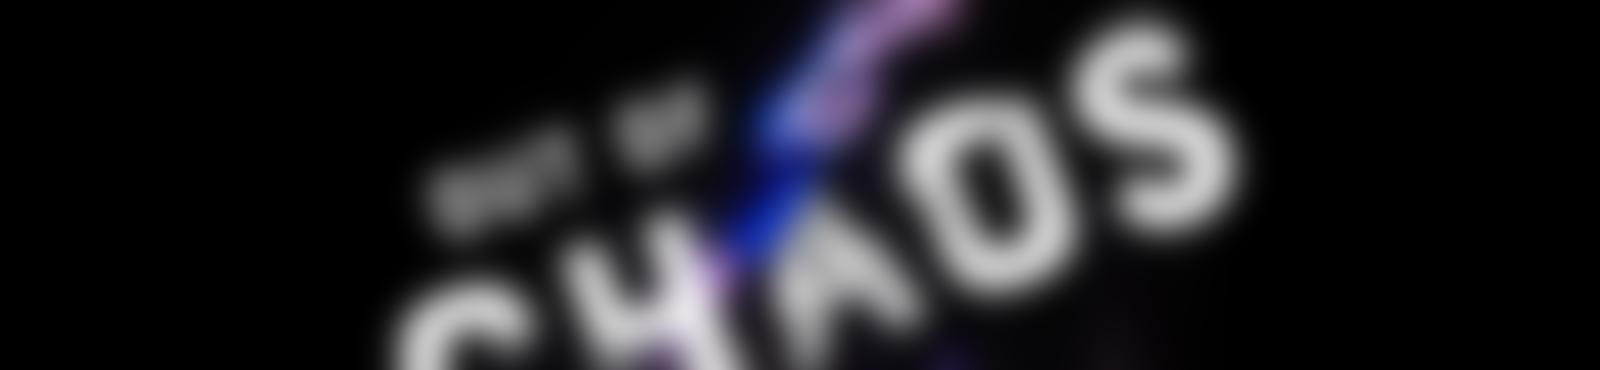 Blurred 342db360 f398 4d13 8957 9976a78b79d9